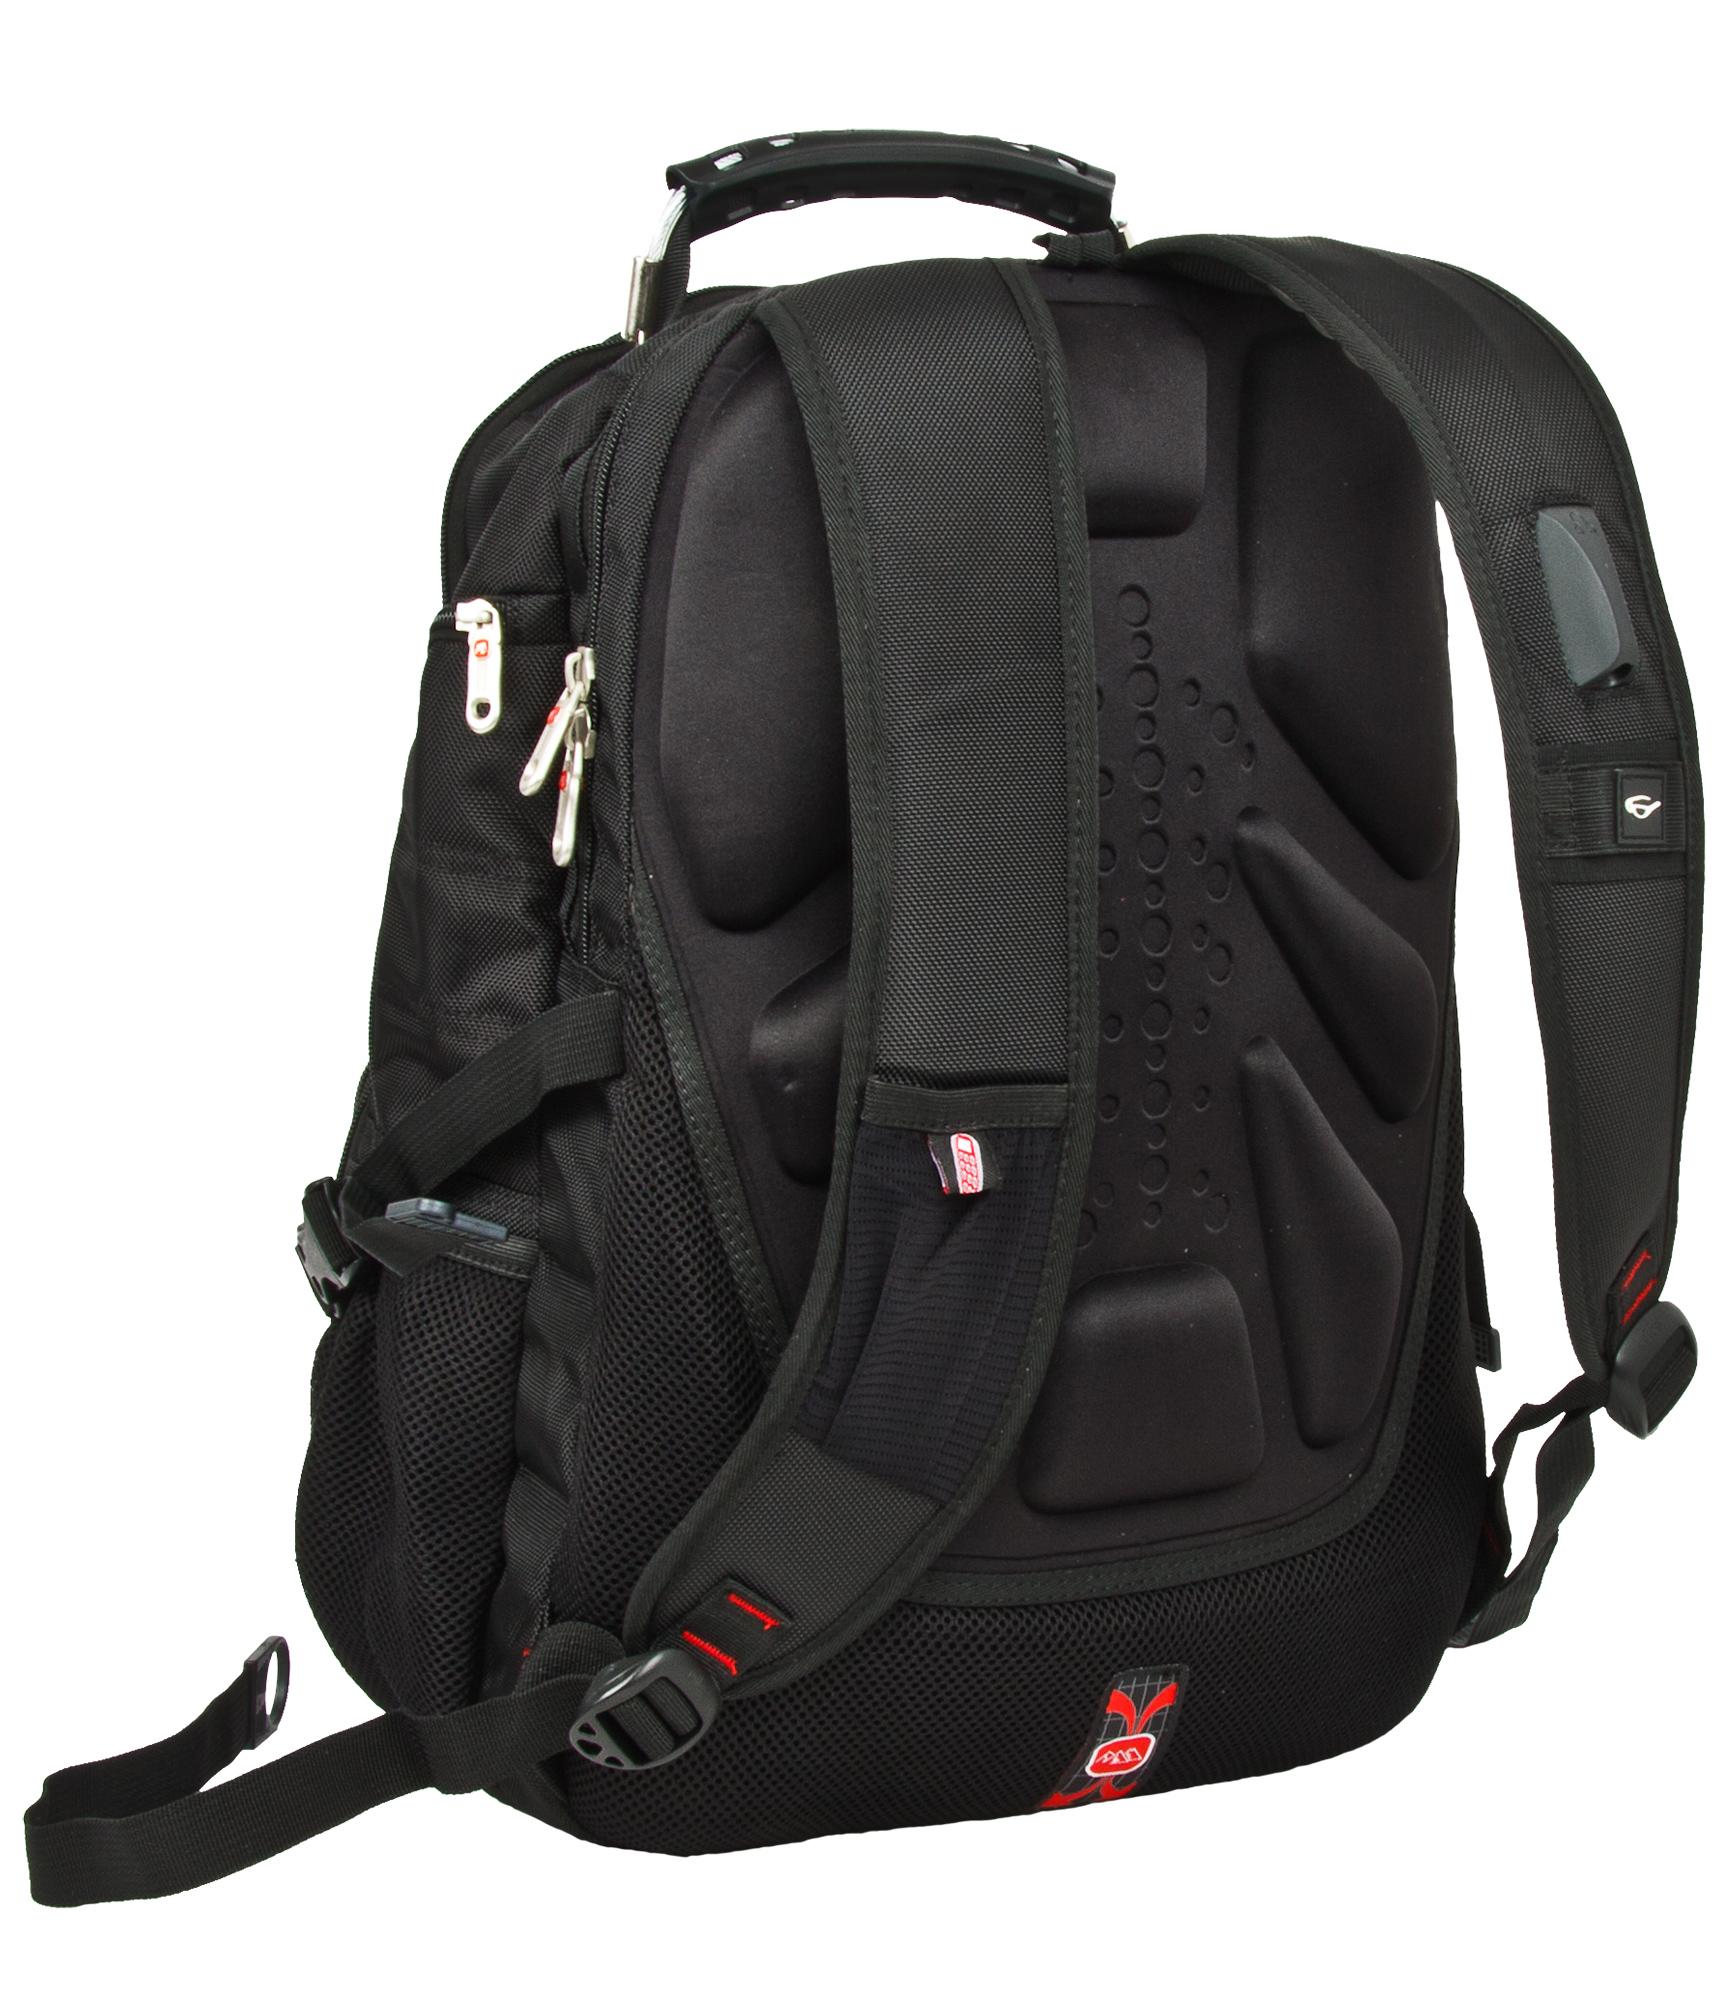 Рюкзак городской Polar, цвет:  черный.  34л.  3051 POLAR